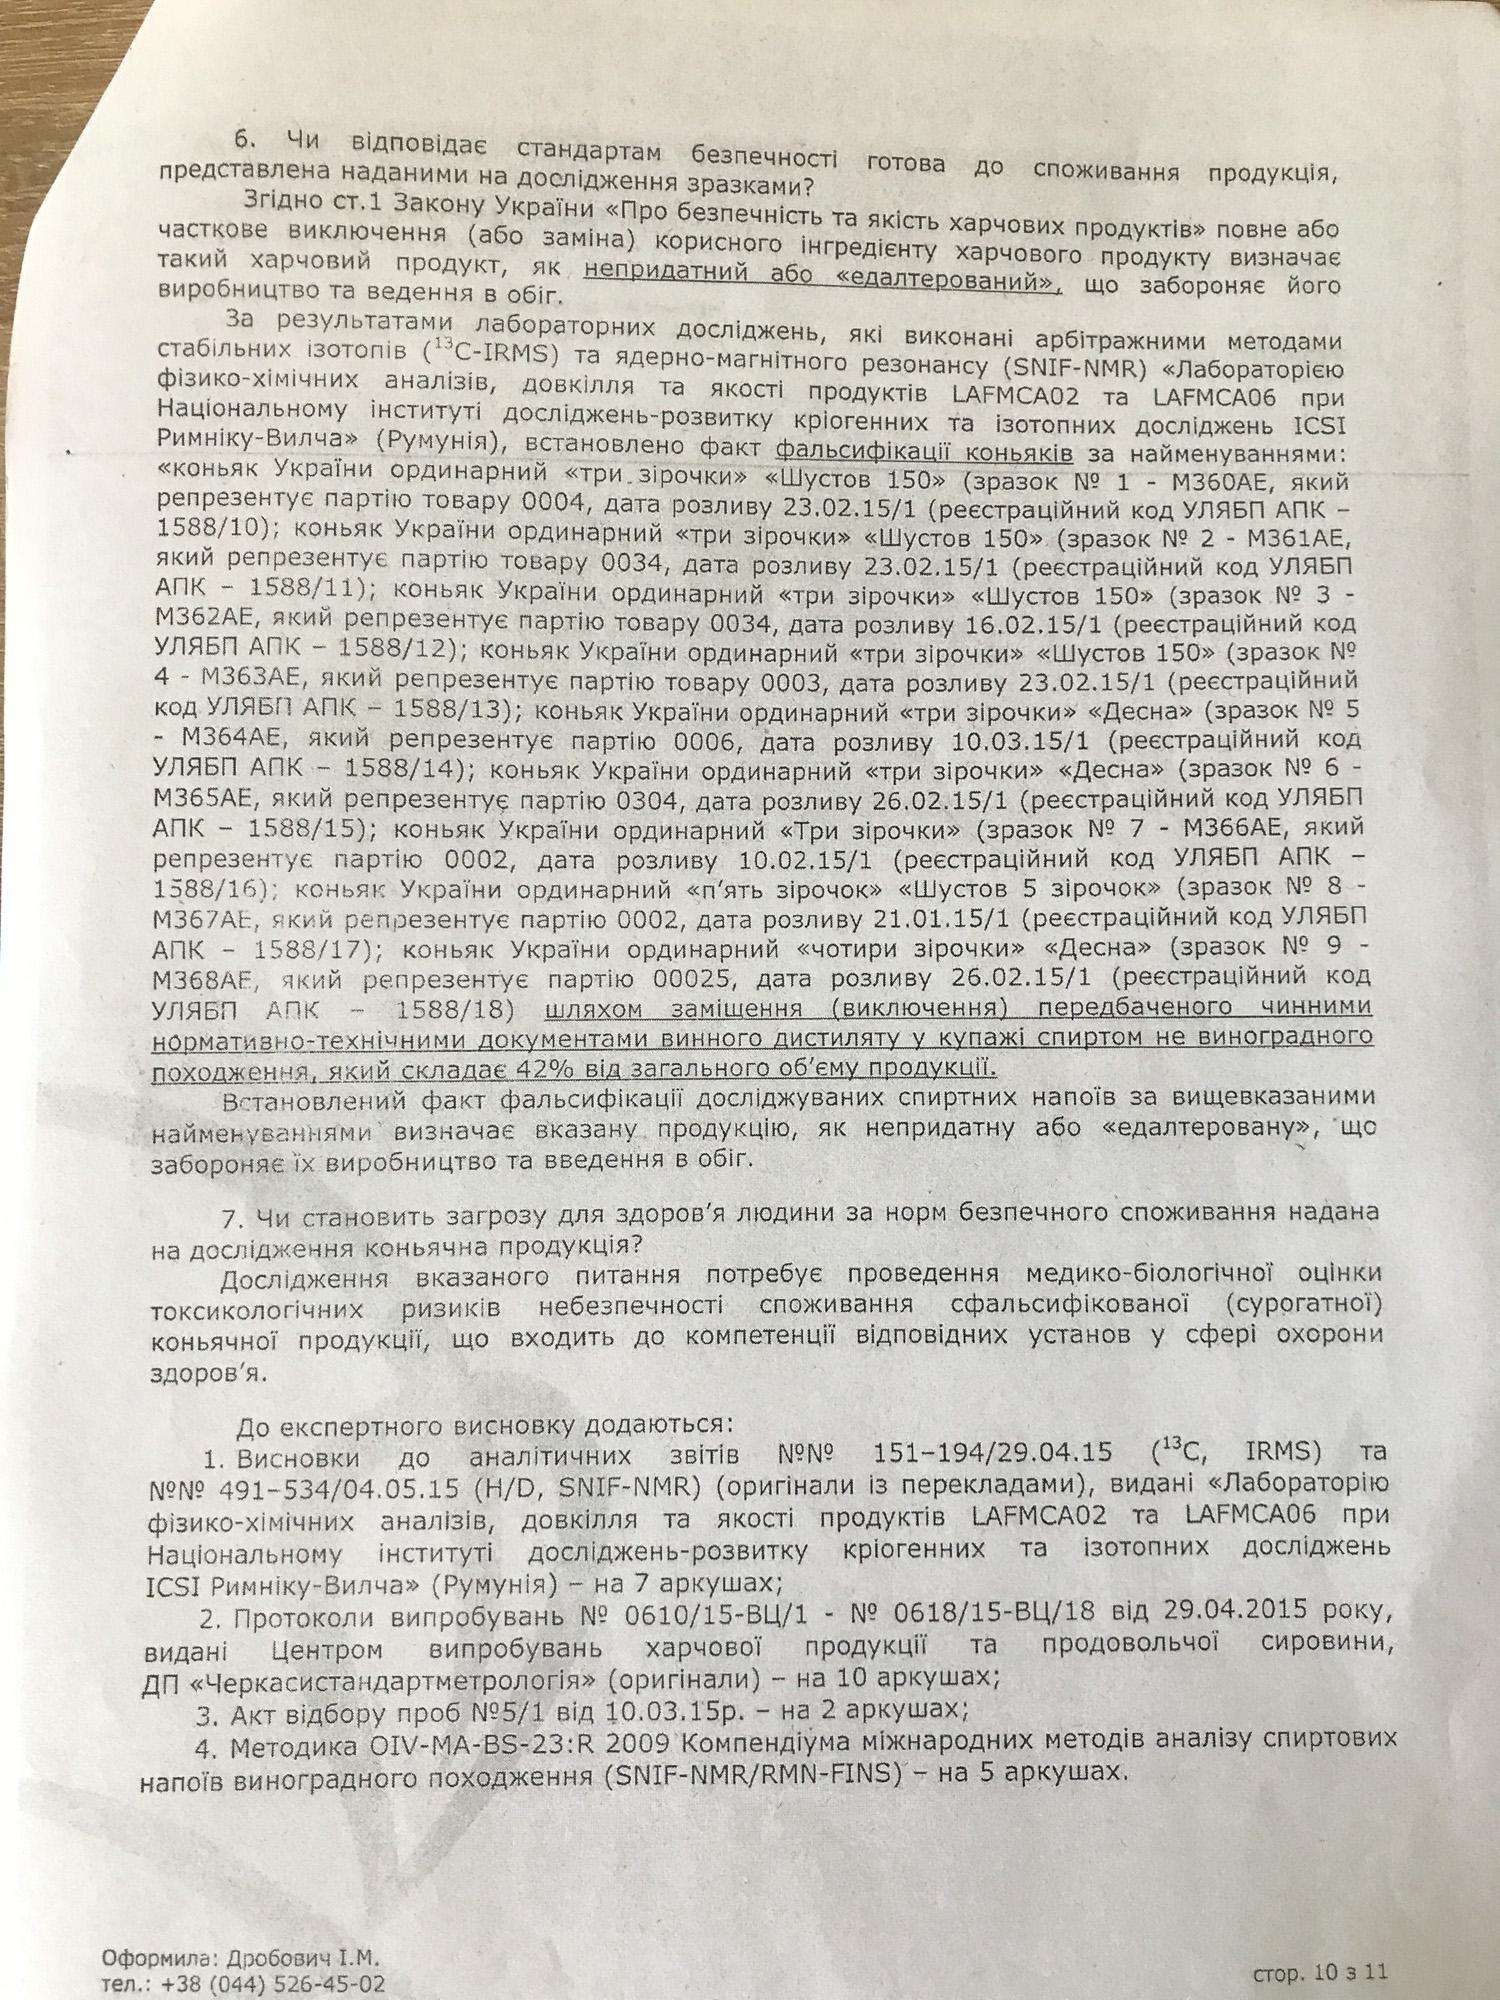 экспертиза_05